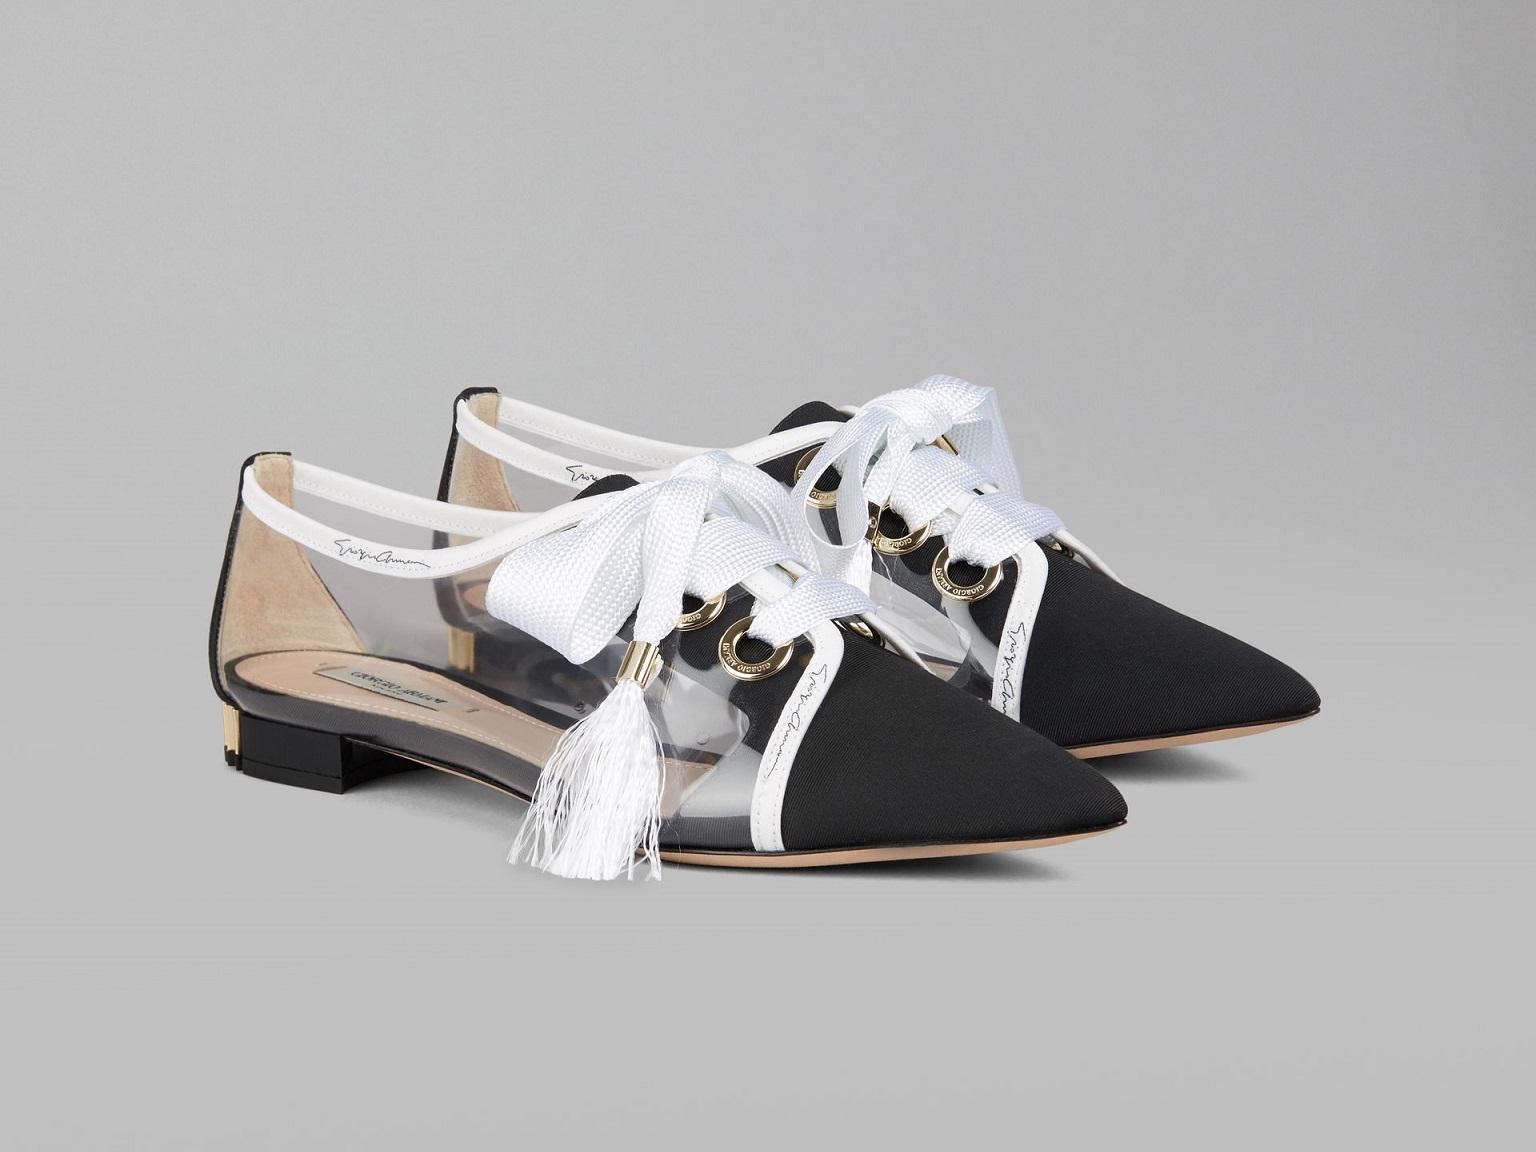 Sneaker Femme Pas cher en Soldes, Noir, Cuir, 2017, 40Emporio Armani